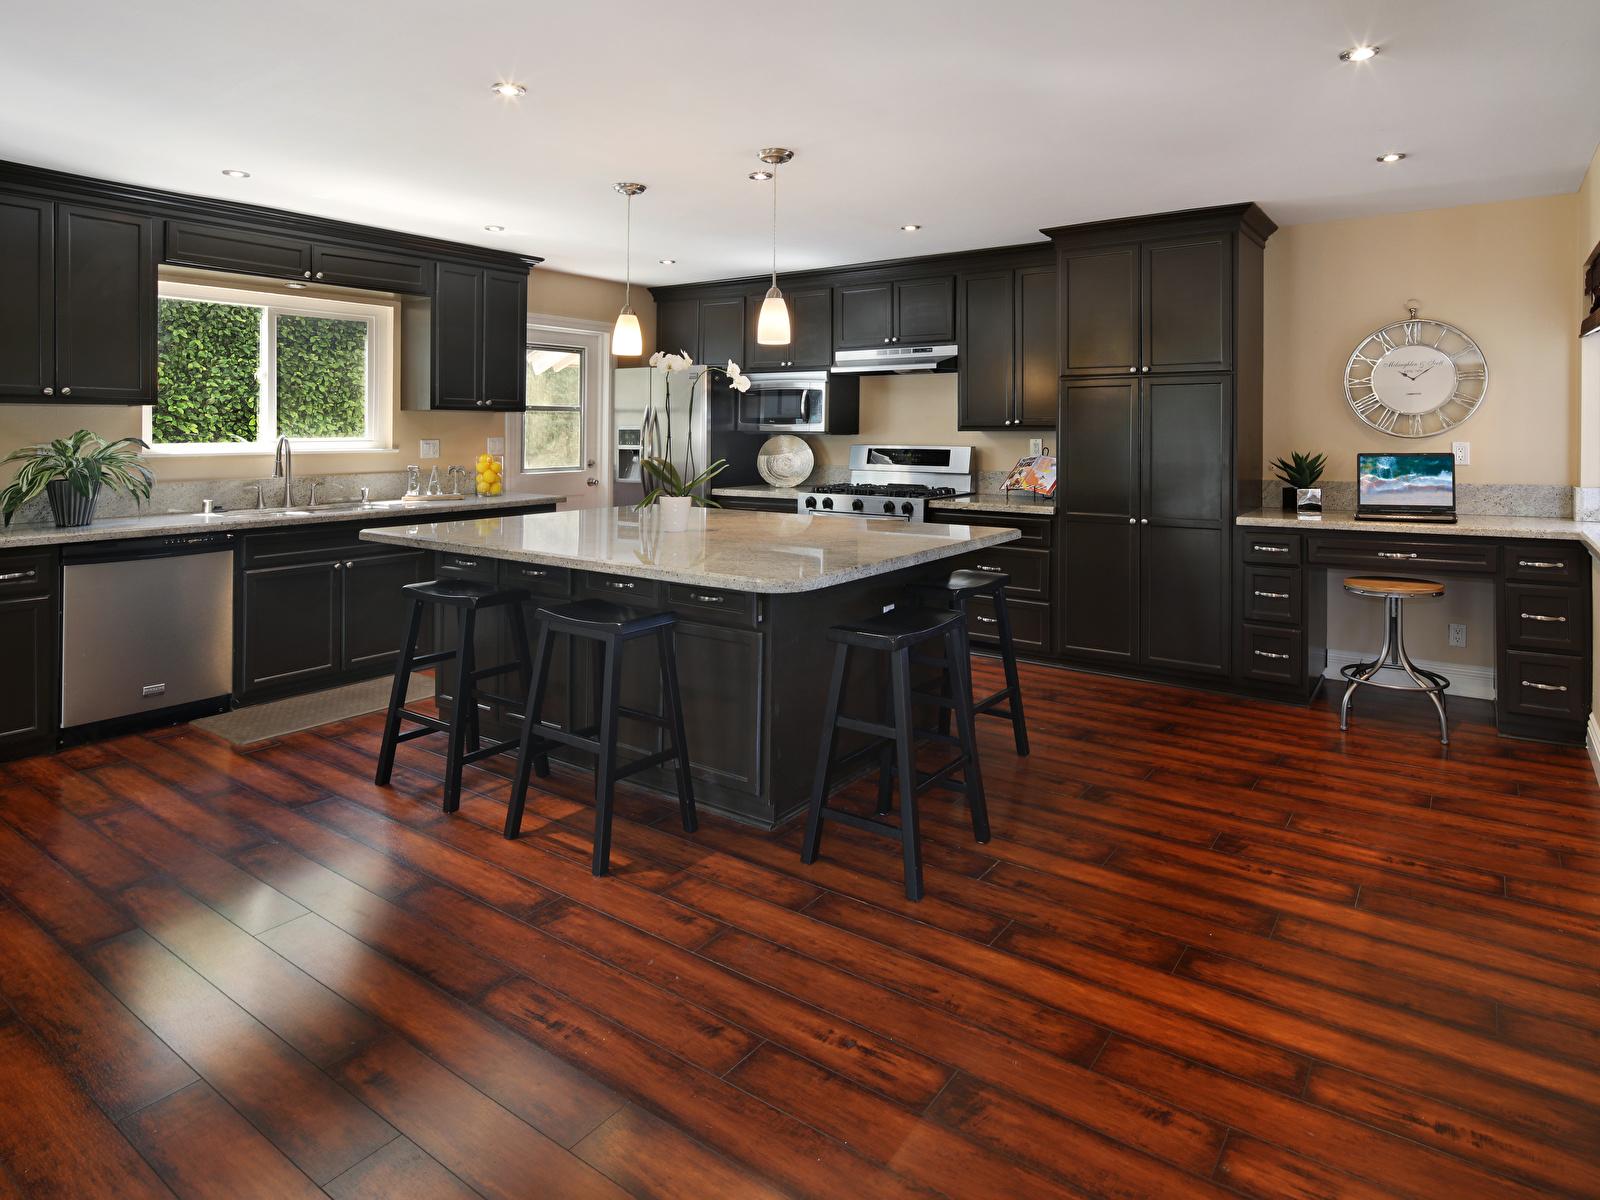 Картинки Кухня Интерьер стола Стулья Дизайн 1600x1200 кухни Стол стул столы дизайна